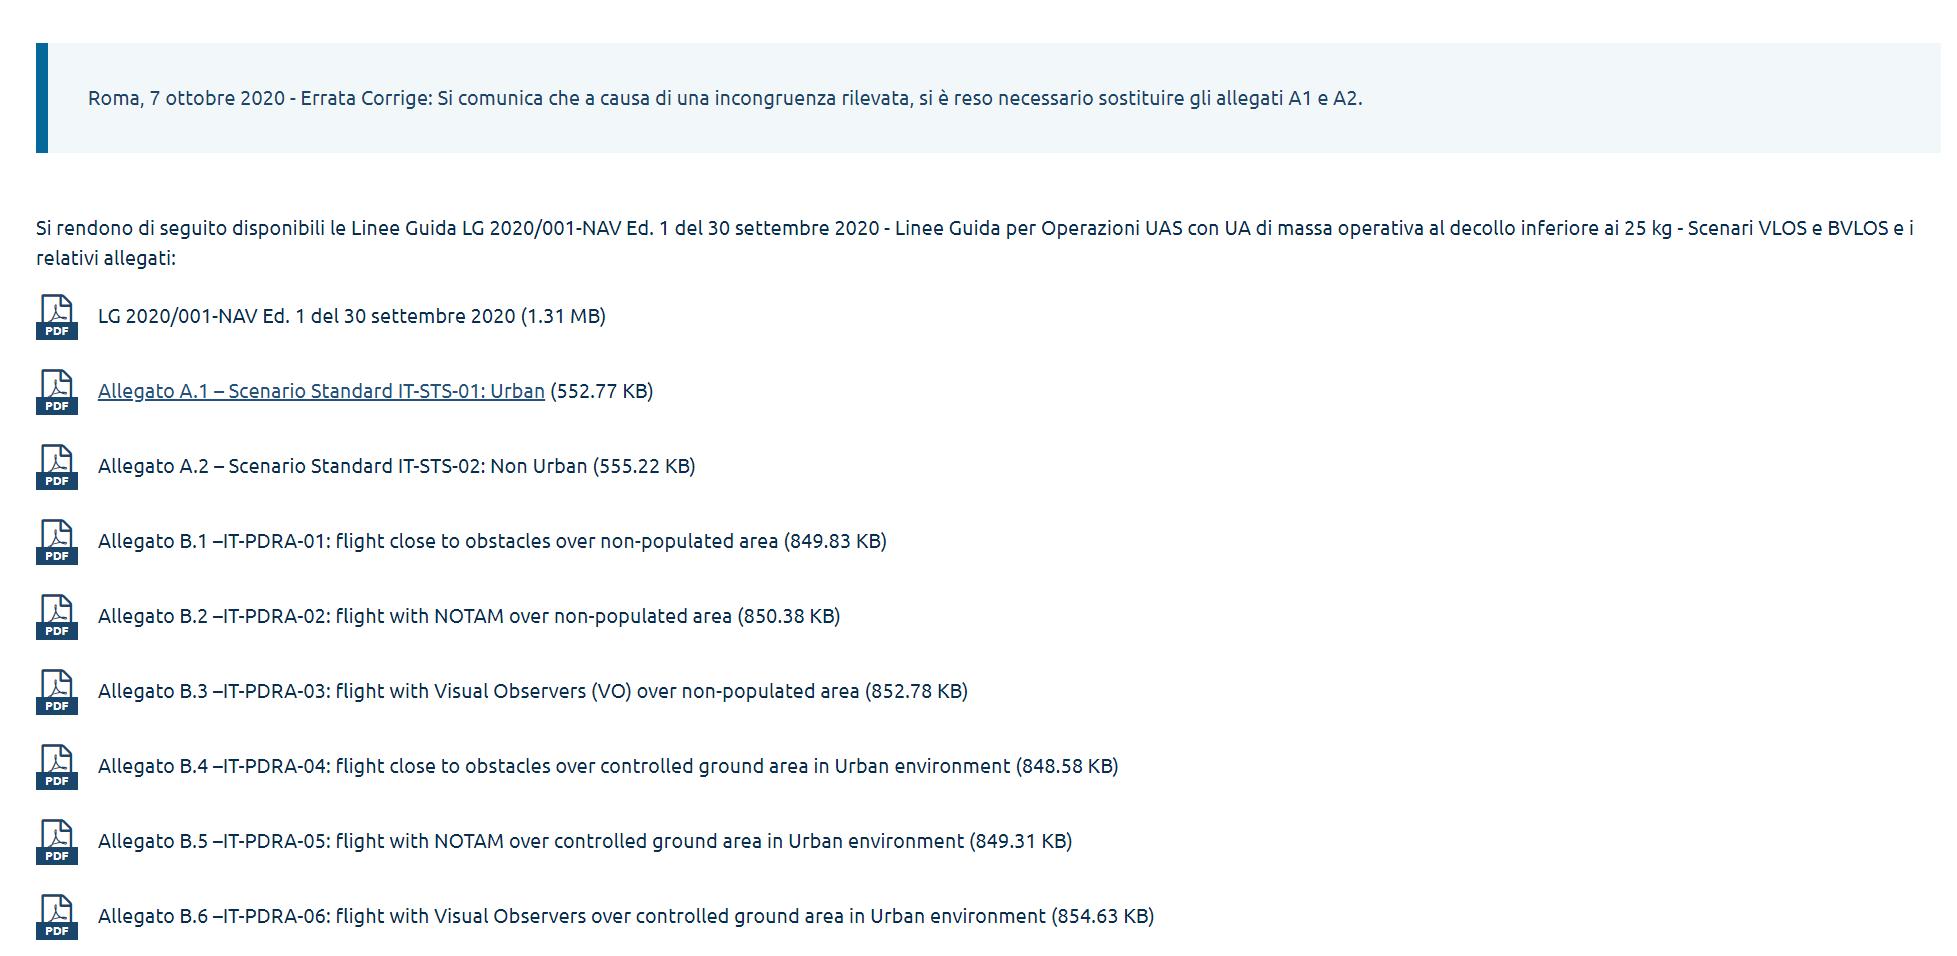 Linee Guida LG 2020/001-NAV ERRATA CORRIGE